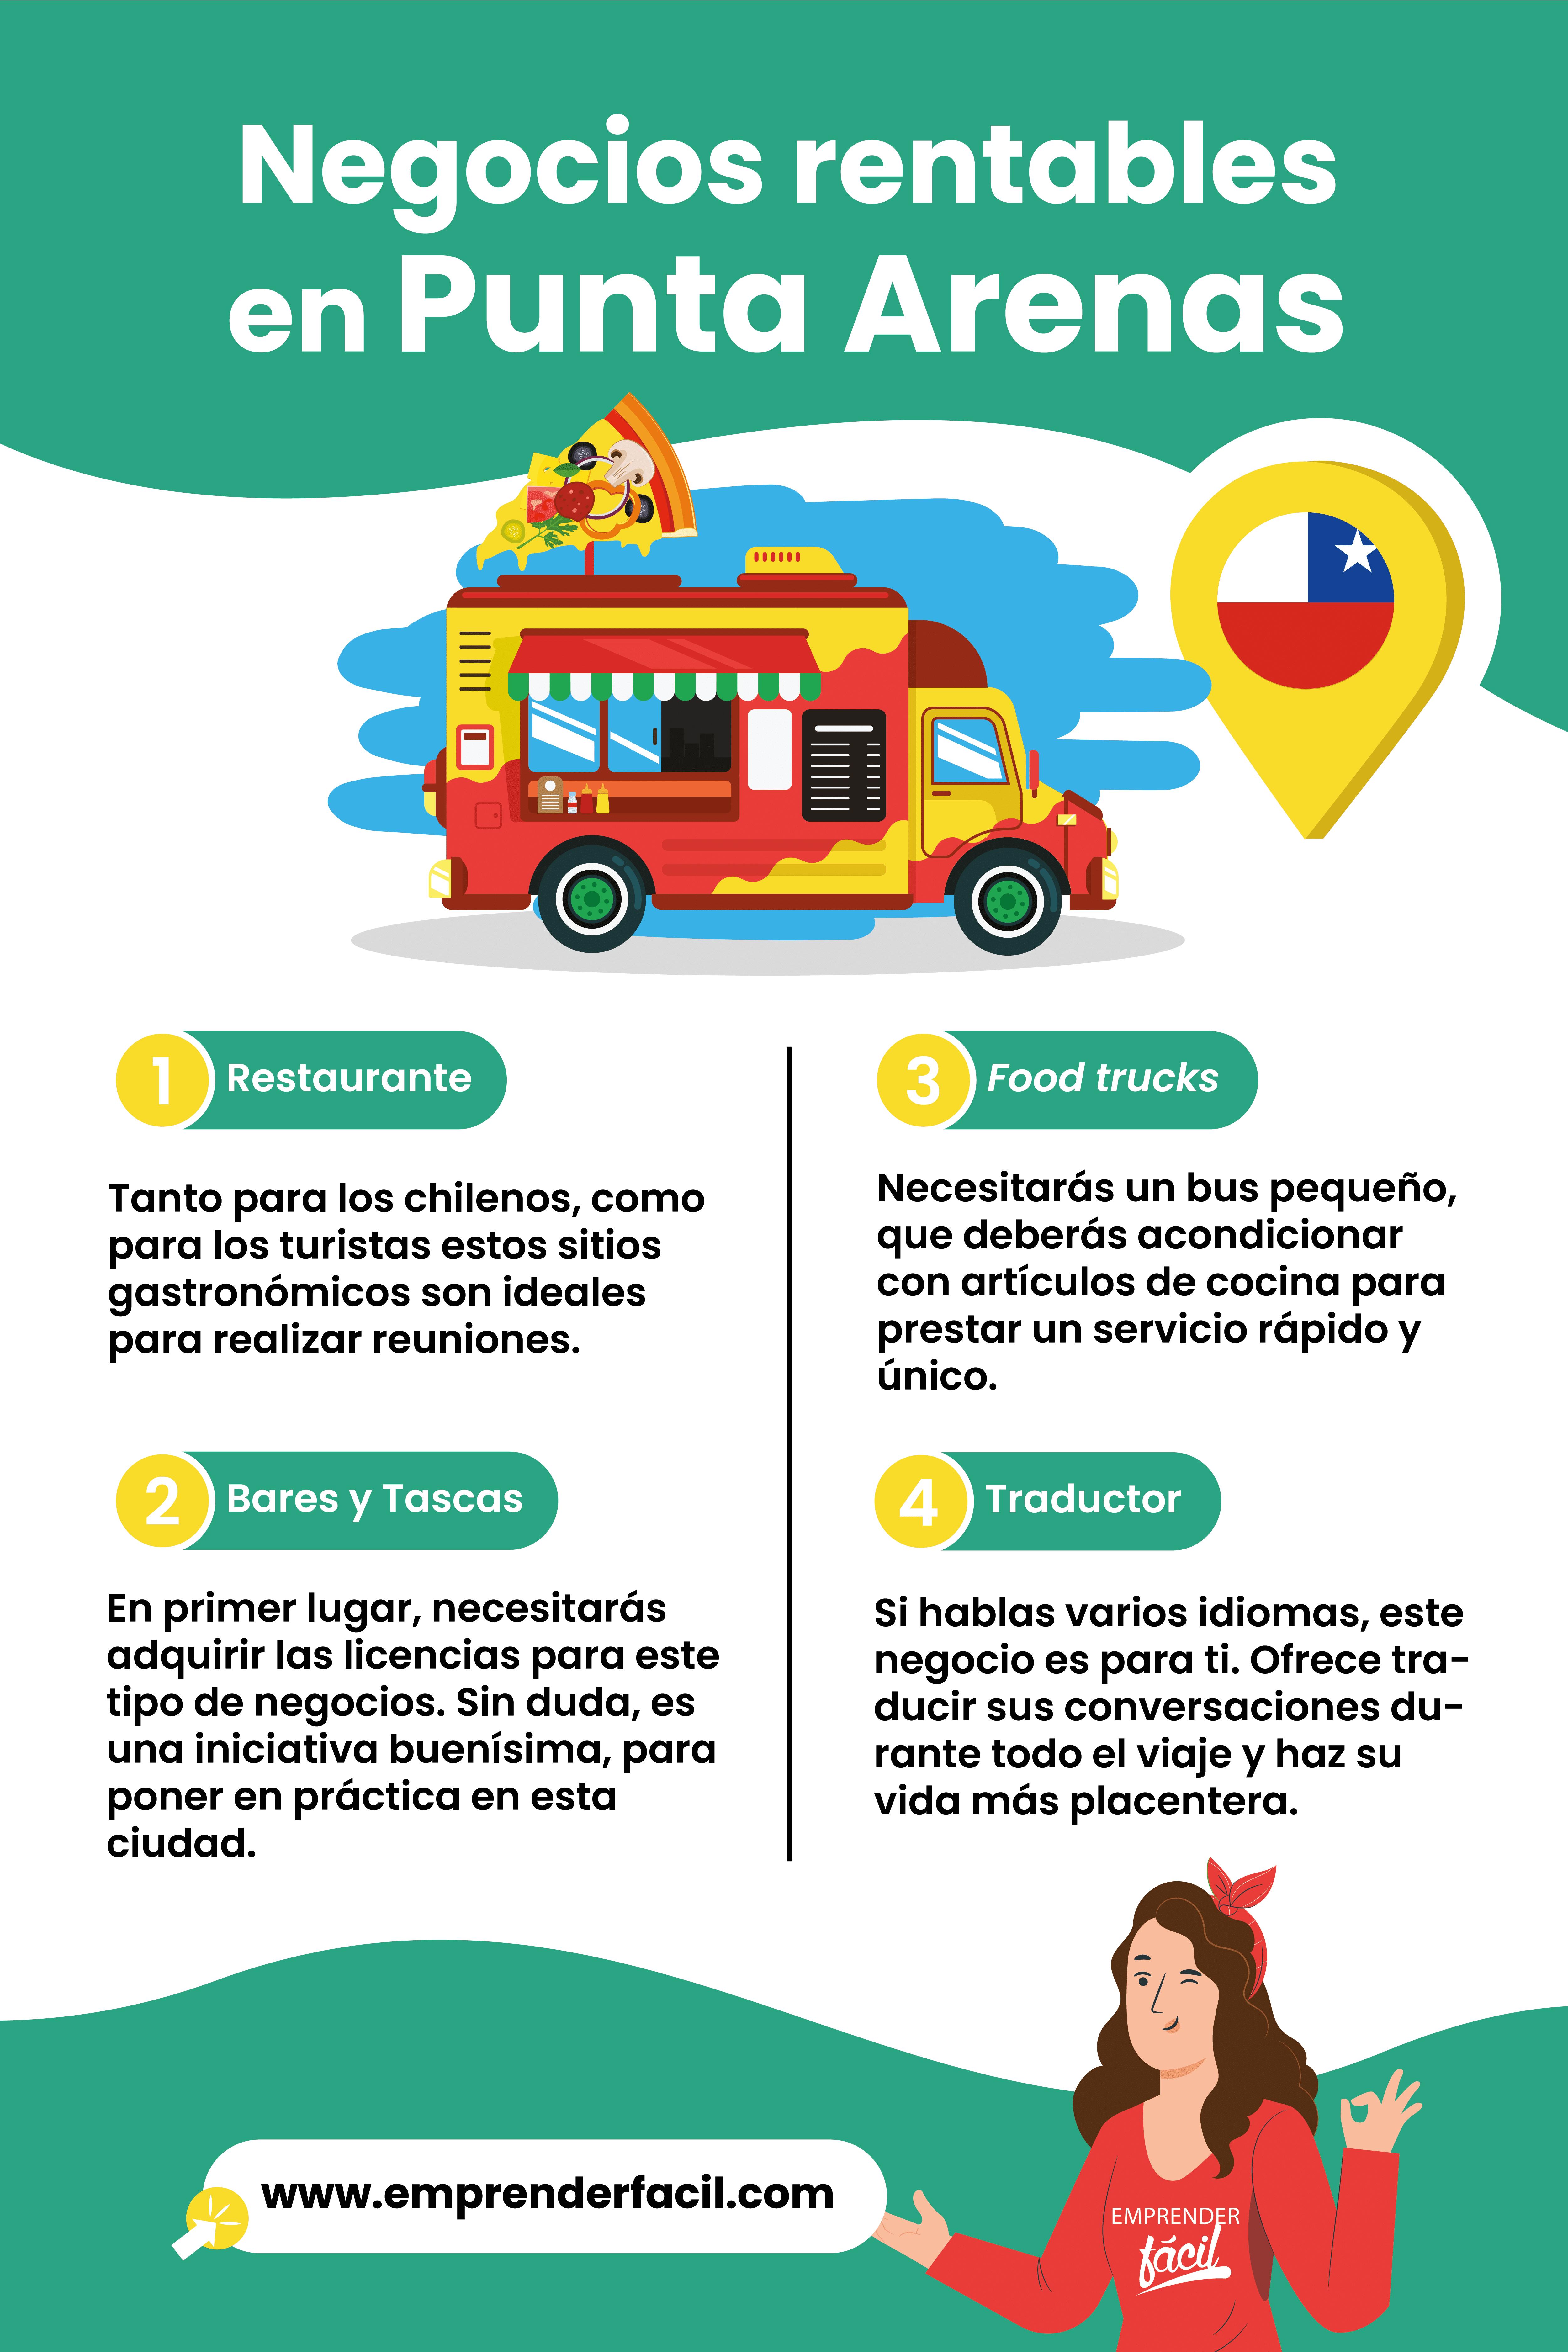 Negocios rentables en Puerto Arenas, Chile.